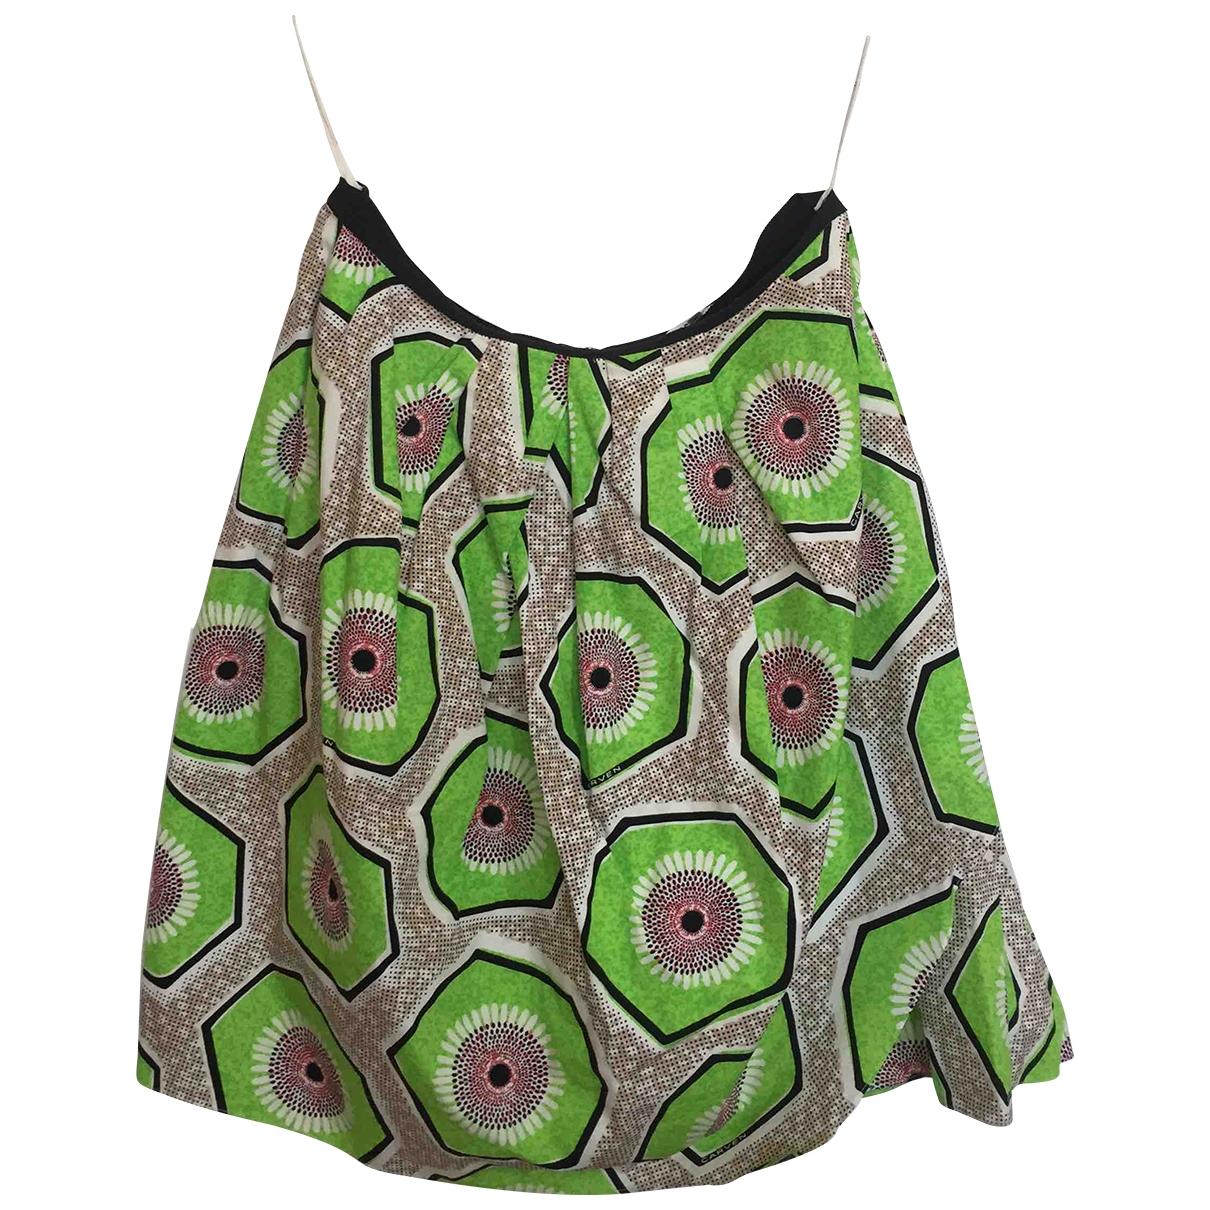 Carven \N Green Cotton skirt for Women 40 FR